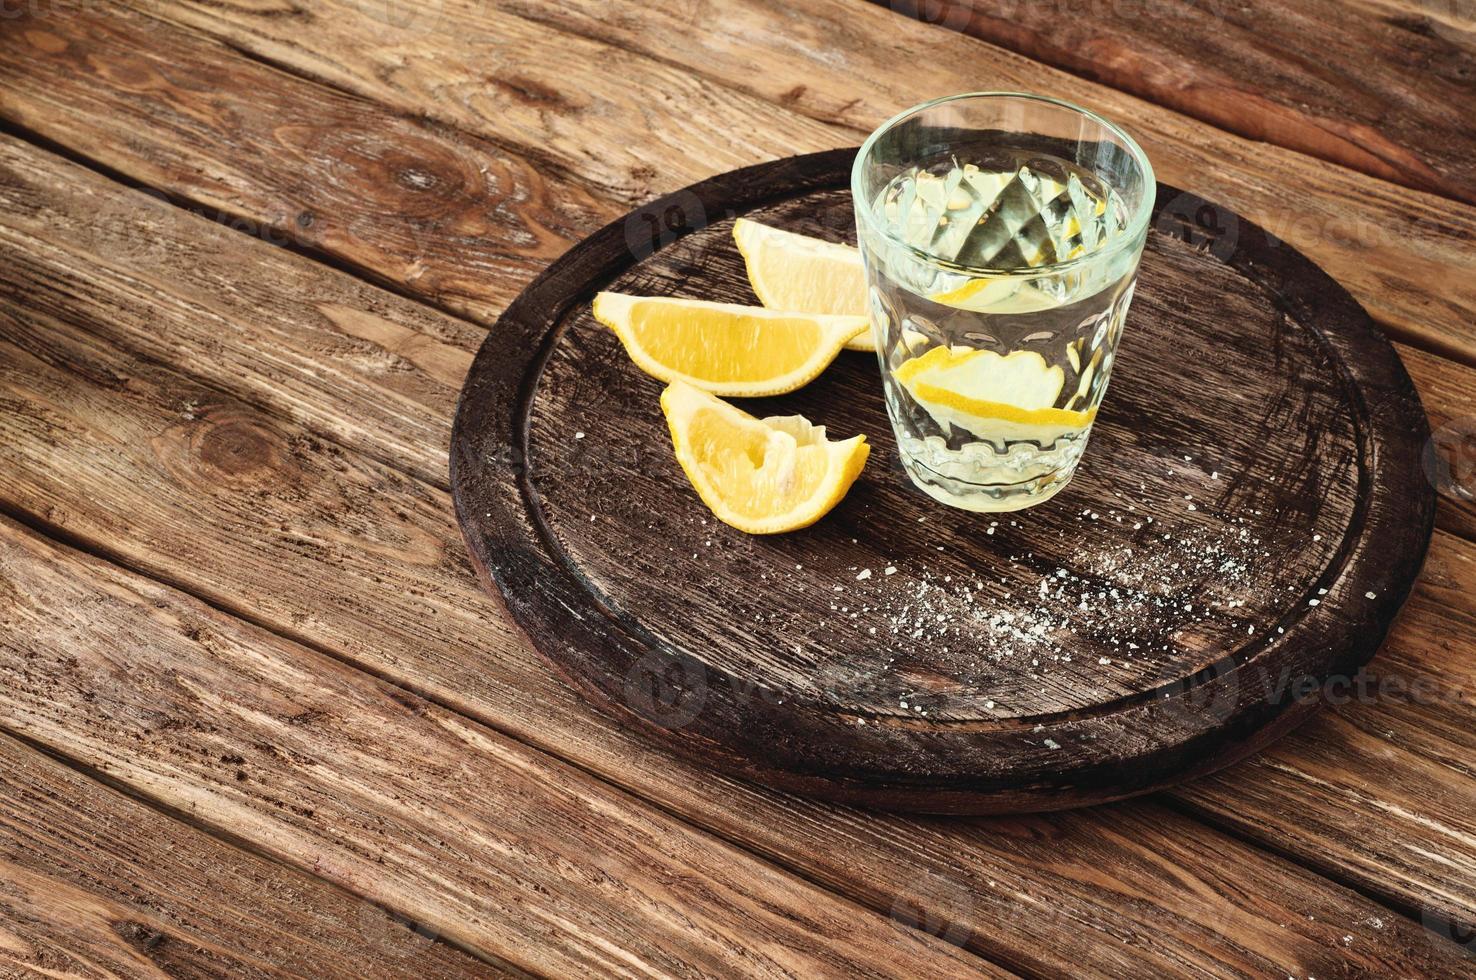 Glas Tequila mit Zitronenscheiben auf einem hölzernen Hintergrund foto